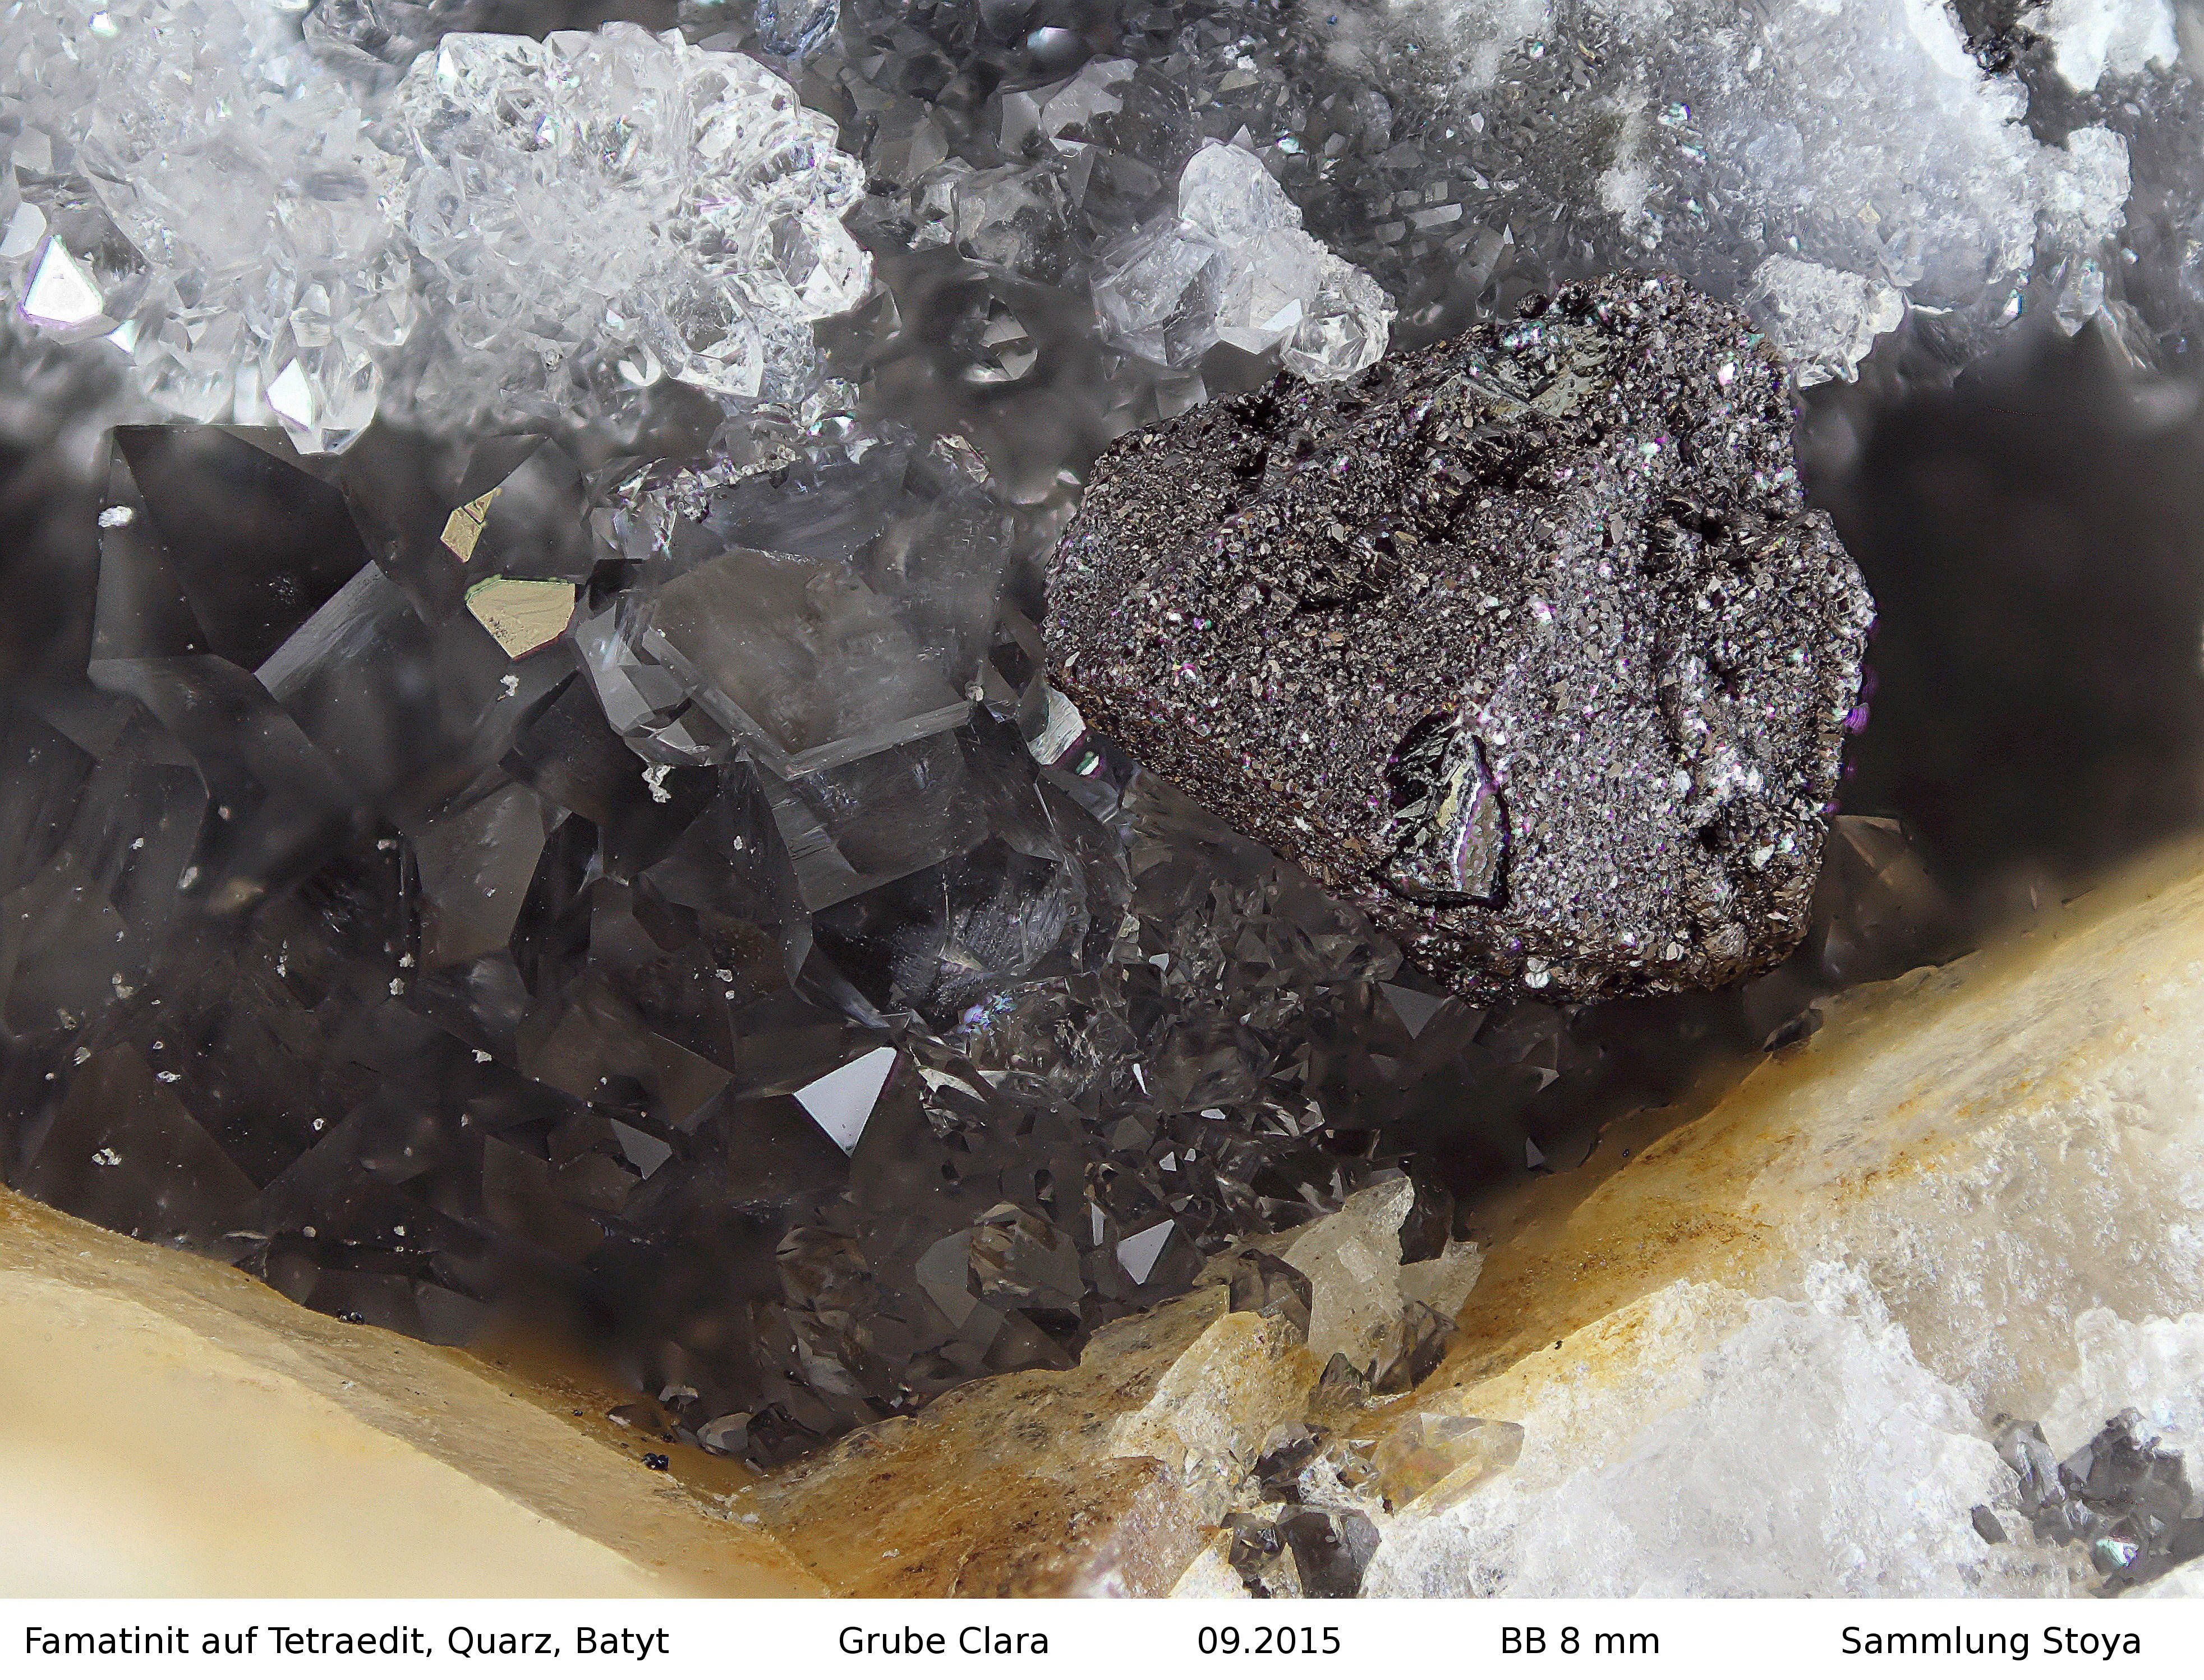 Famatinit auf Tetraedit  Clara Mine, Rankach valley, Oberwolfach, Wolfach, Black Forest, Baden-Württemberg, Germany Copyright © Stoya